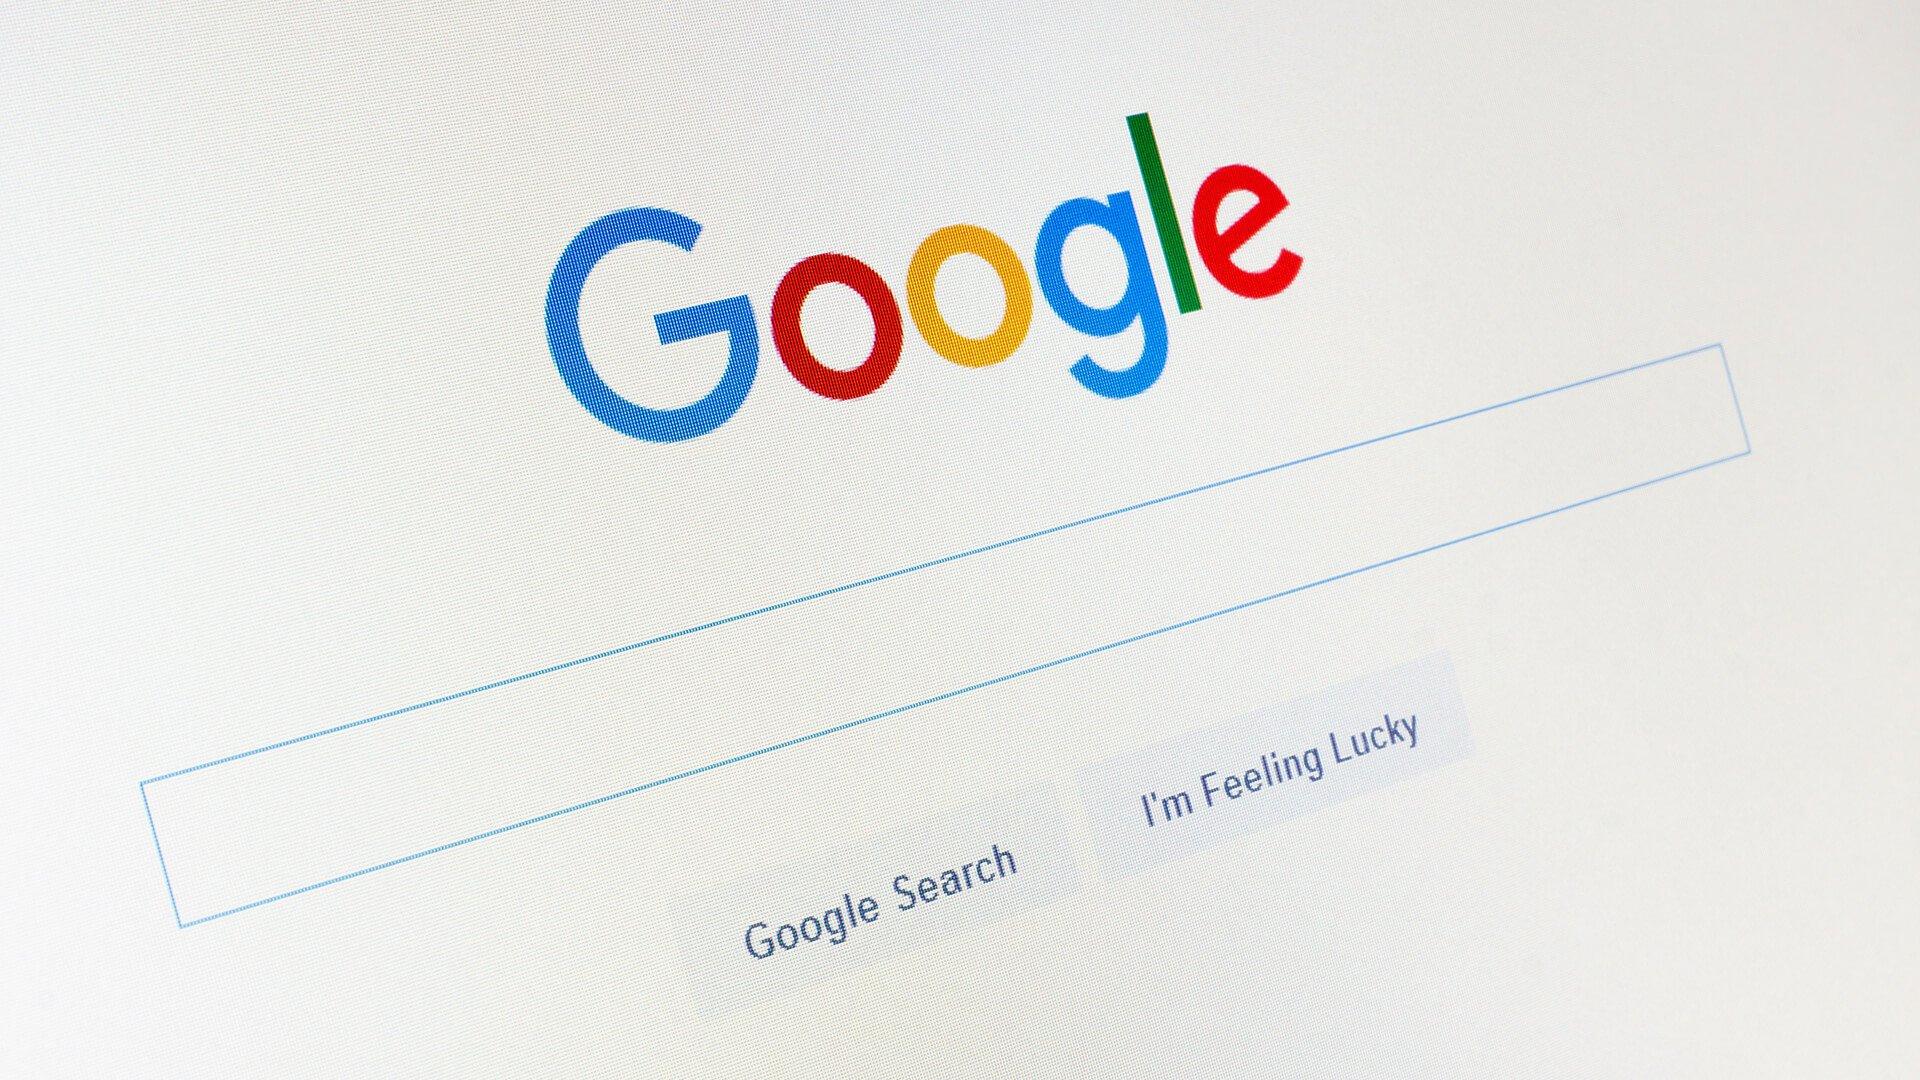 encontrar site no goole imagem de google pesquisa